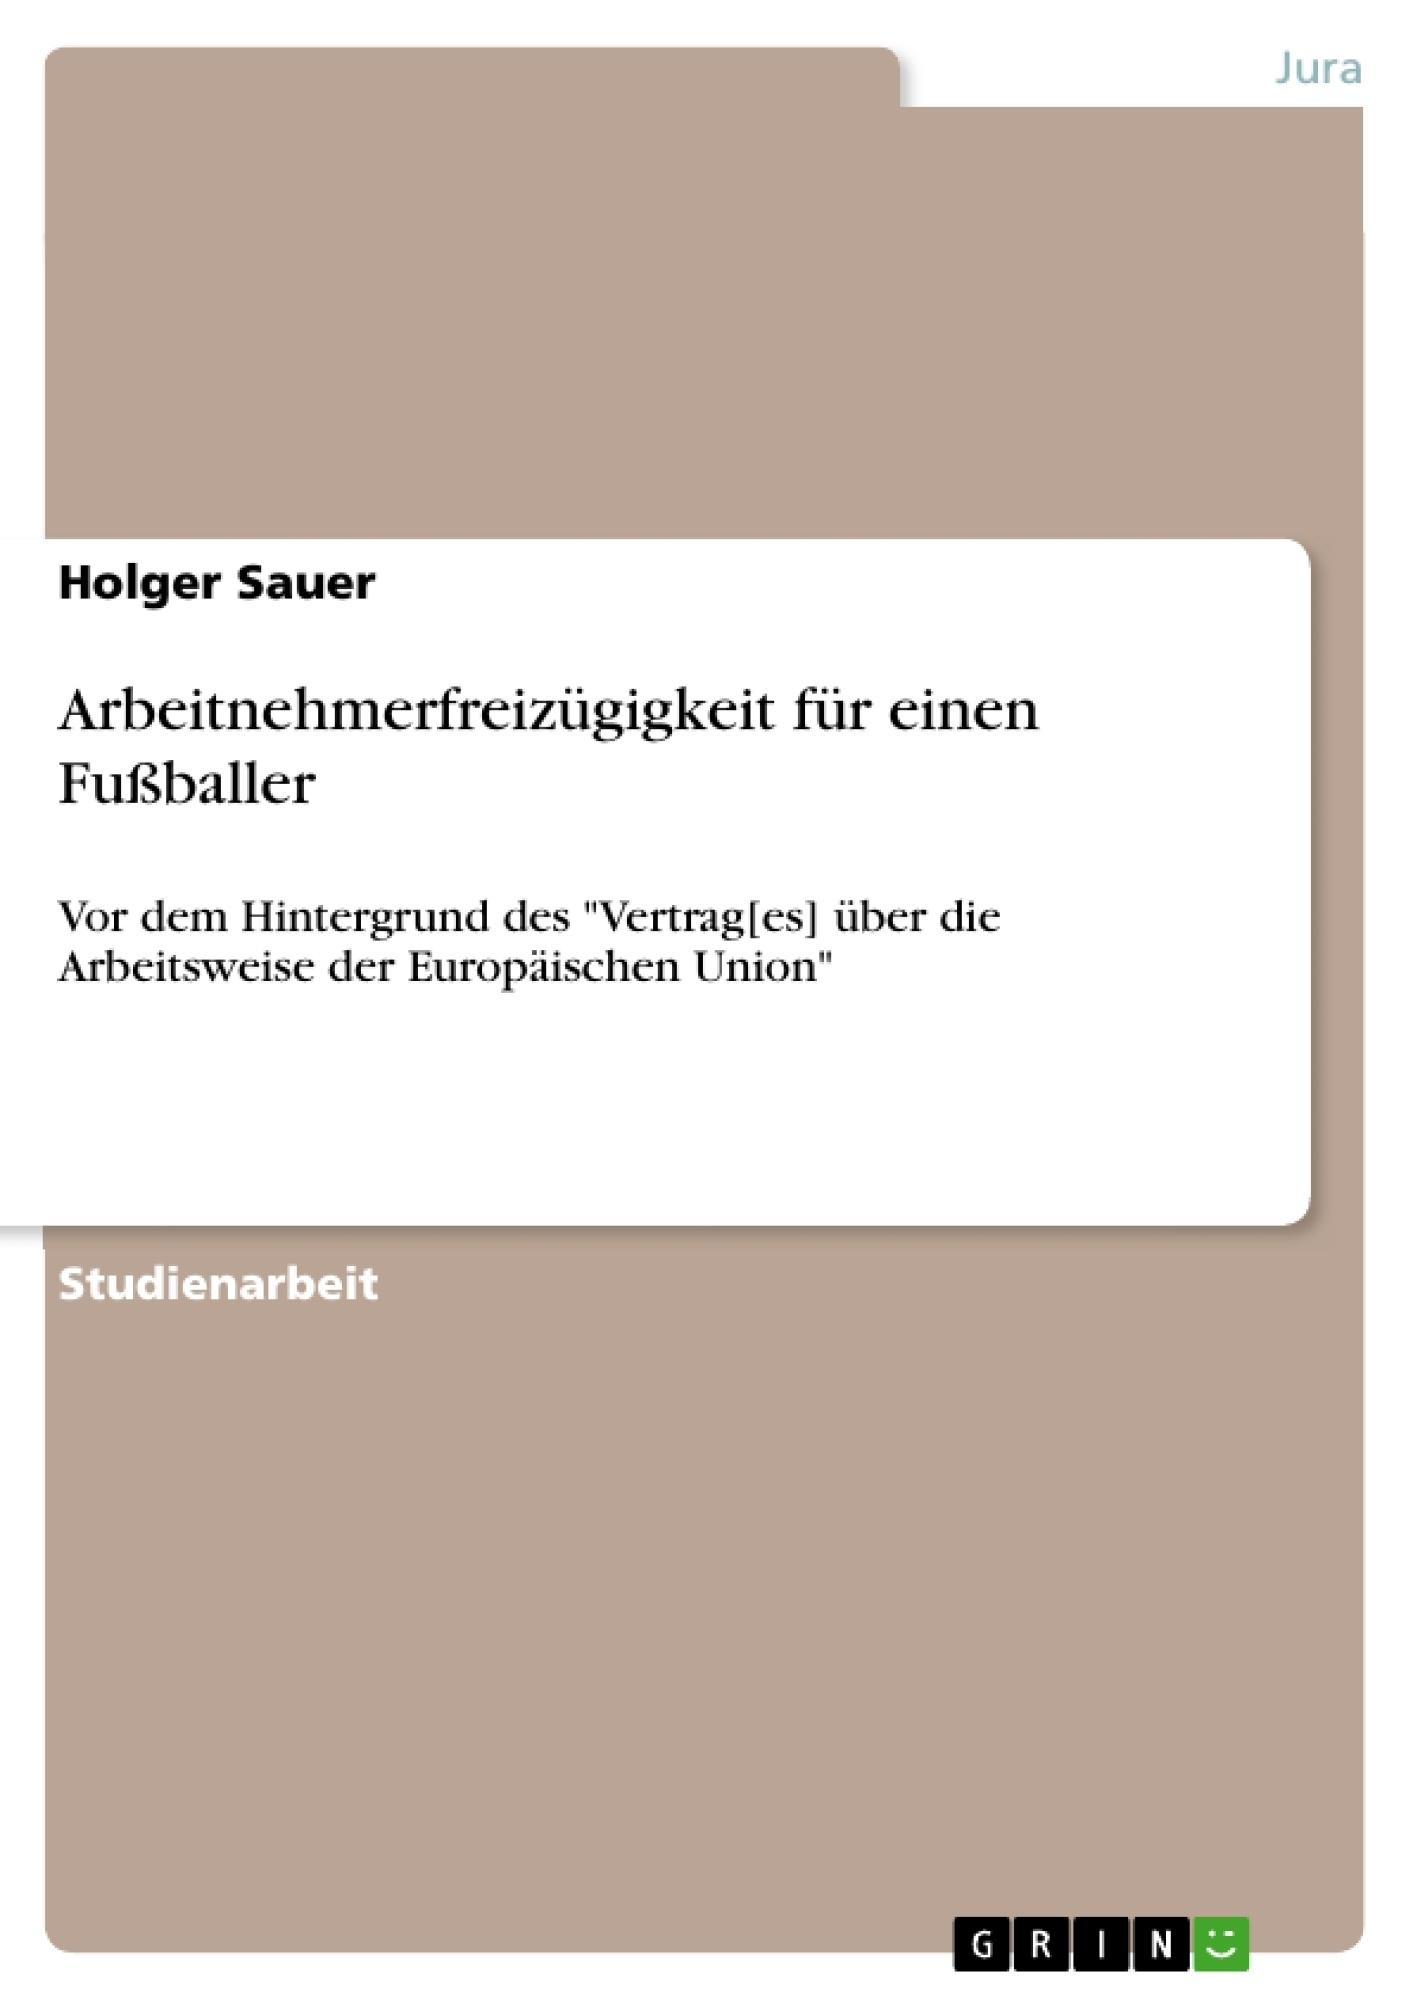 Titel: Arbeitnehmerfreizügigkeit für einen Fußballer